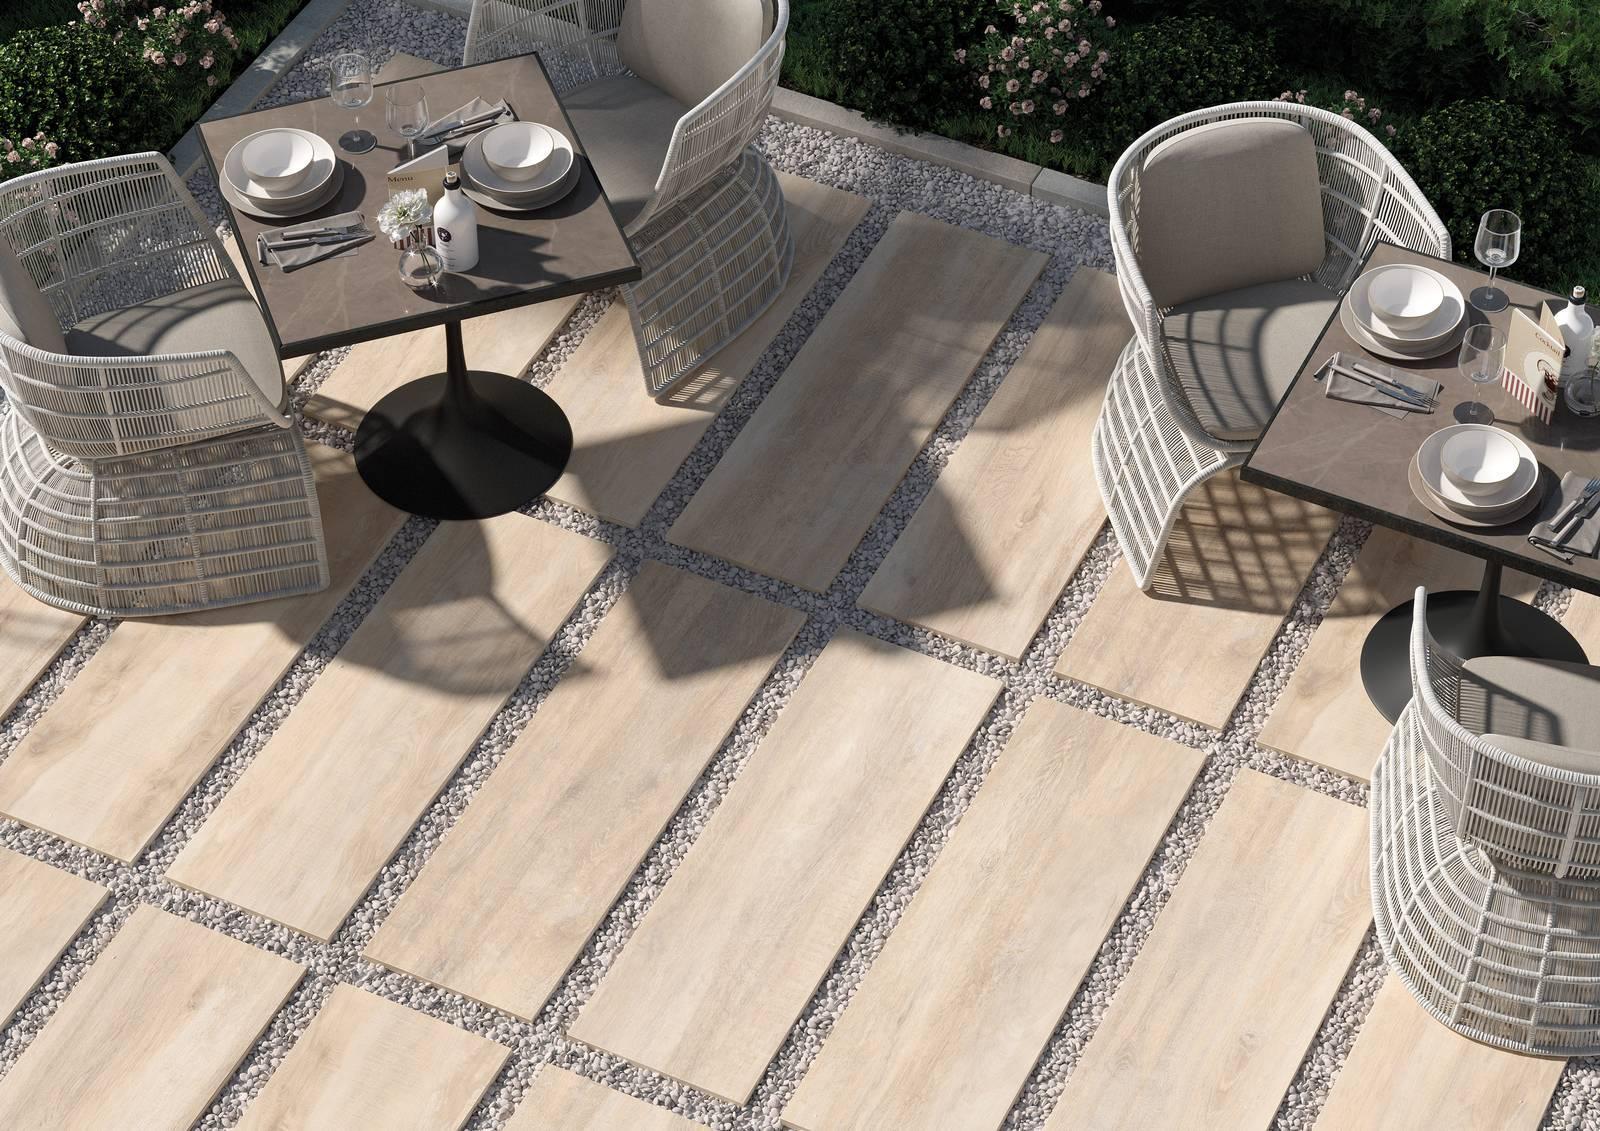 Outdoor di spessore: il gres porcellanato effetto legno di ceramica